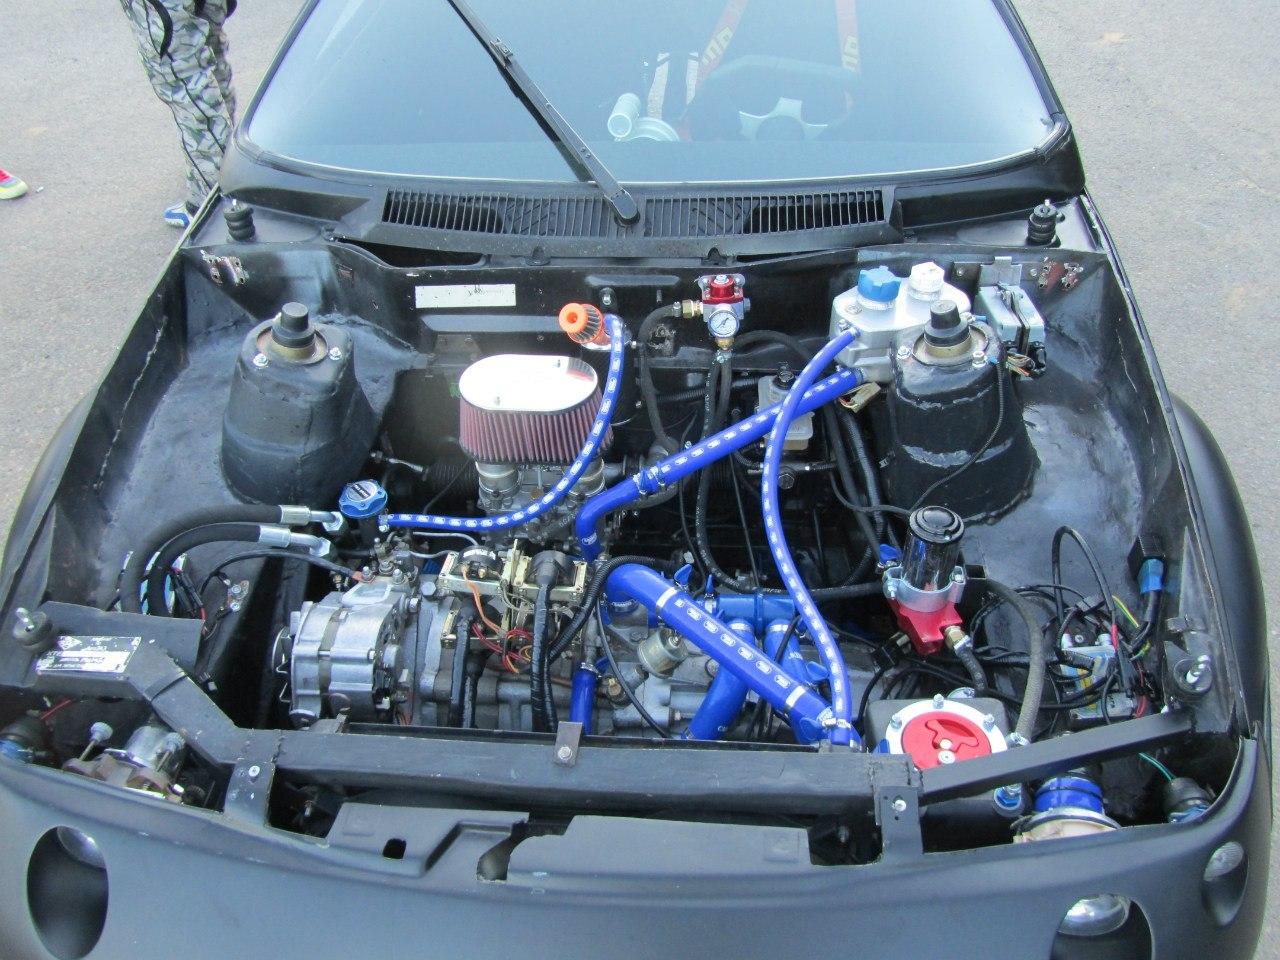 Роторный двигатель ВАЗ-415